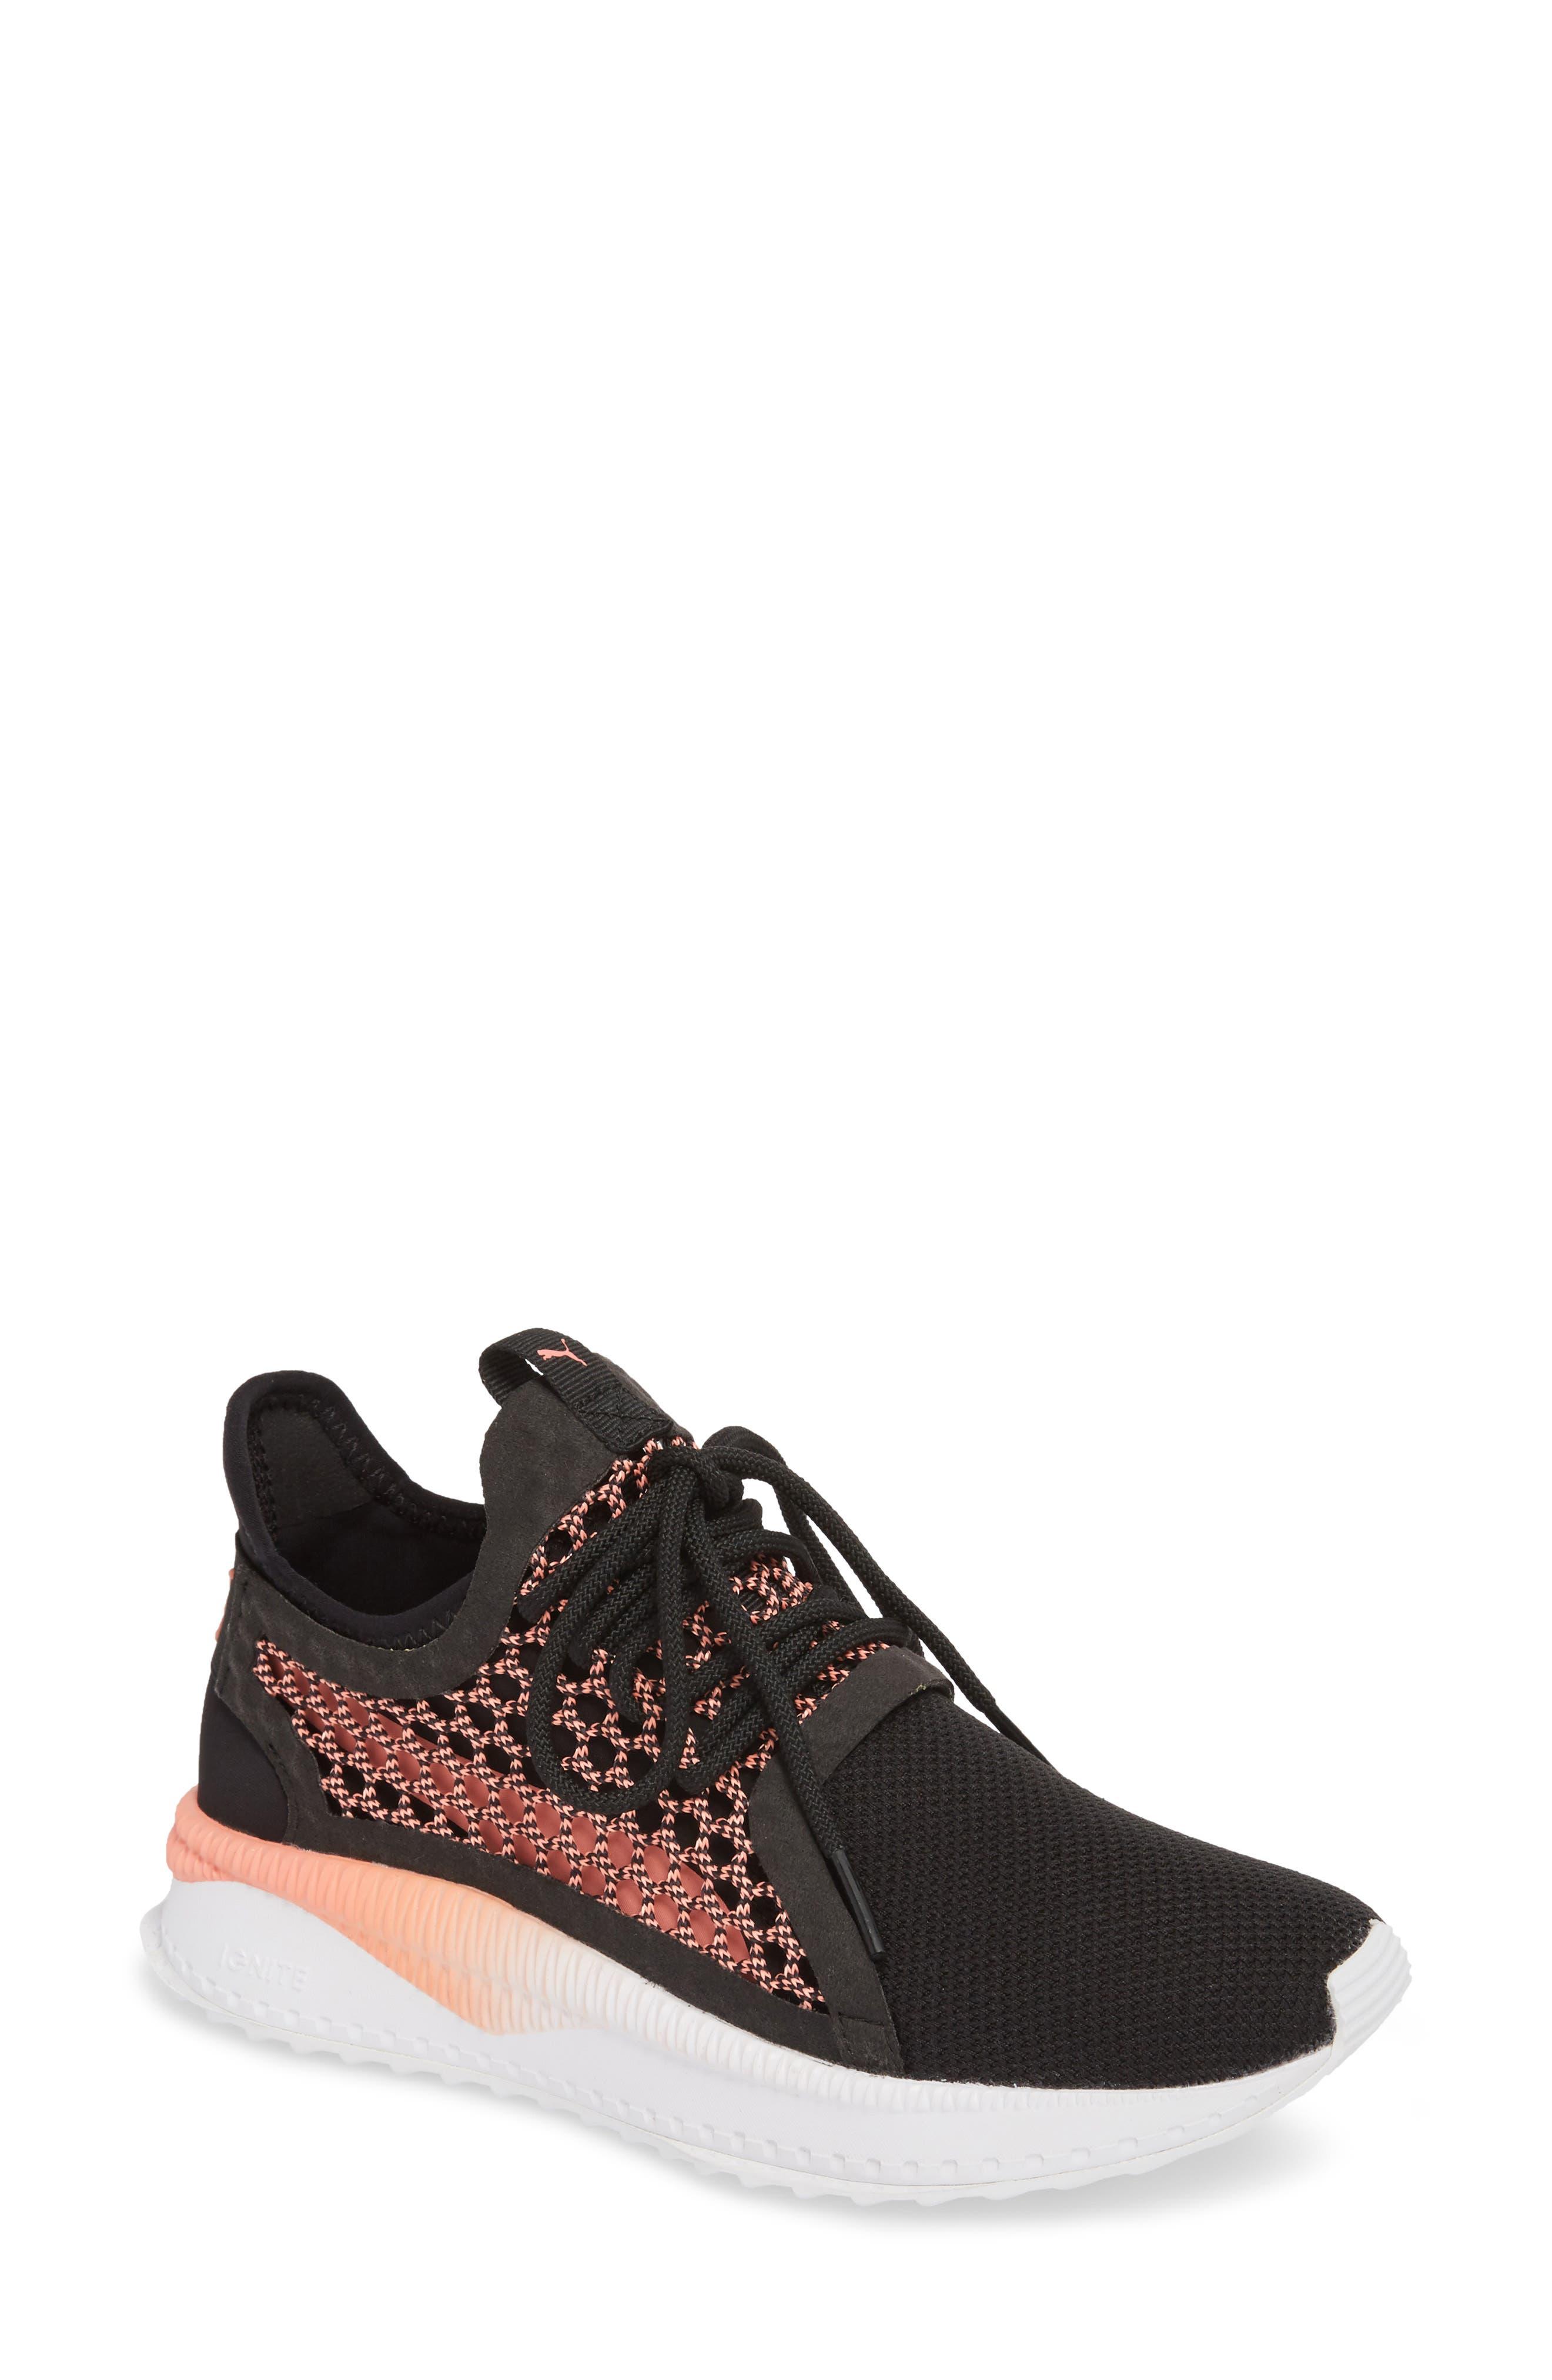 Tsugi Netfit evoKNIT Training Shoe,                             Main thumbnail 1, color,                             Black/ Shell Pink/ White